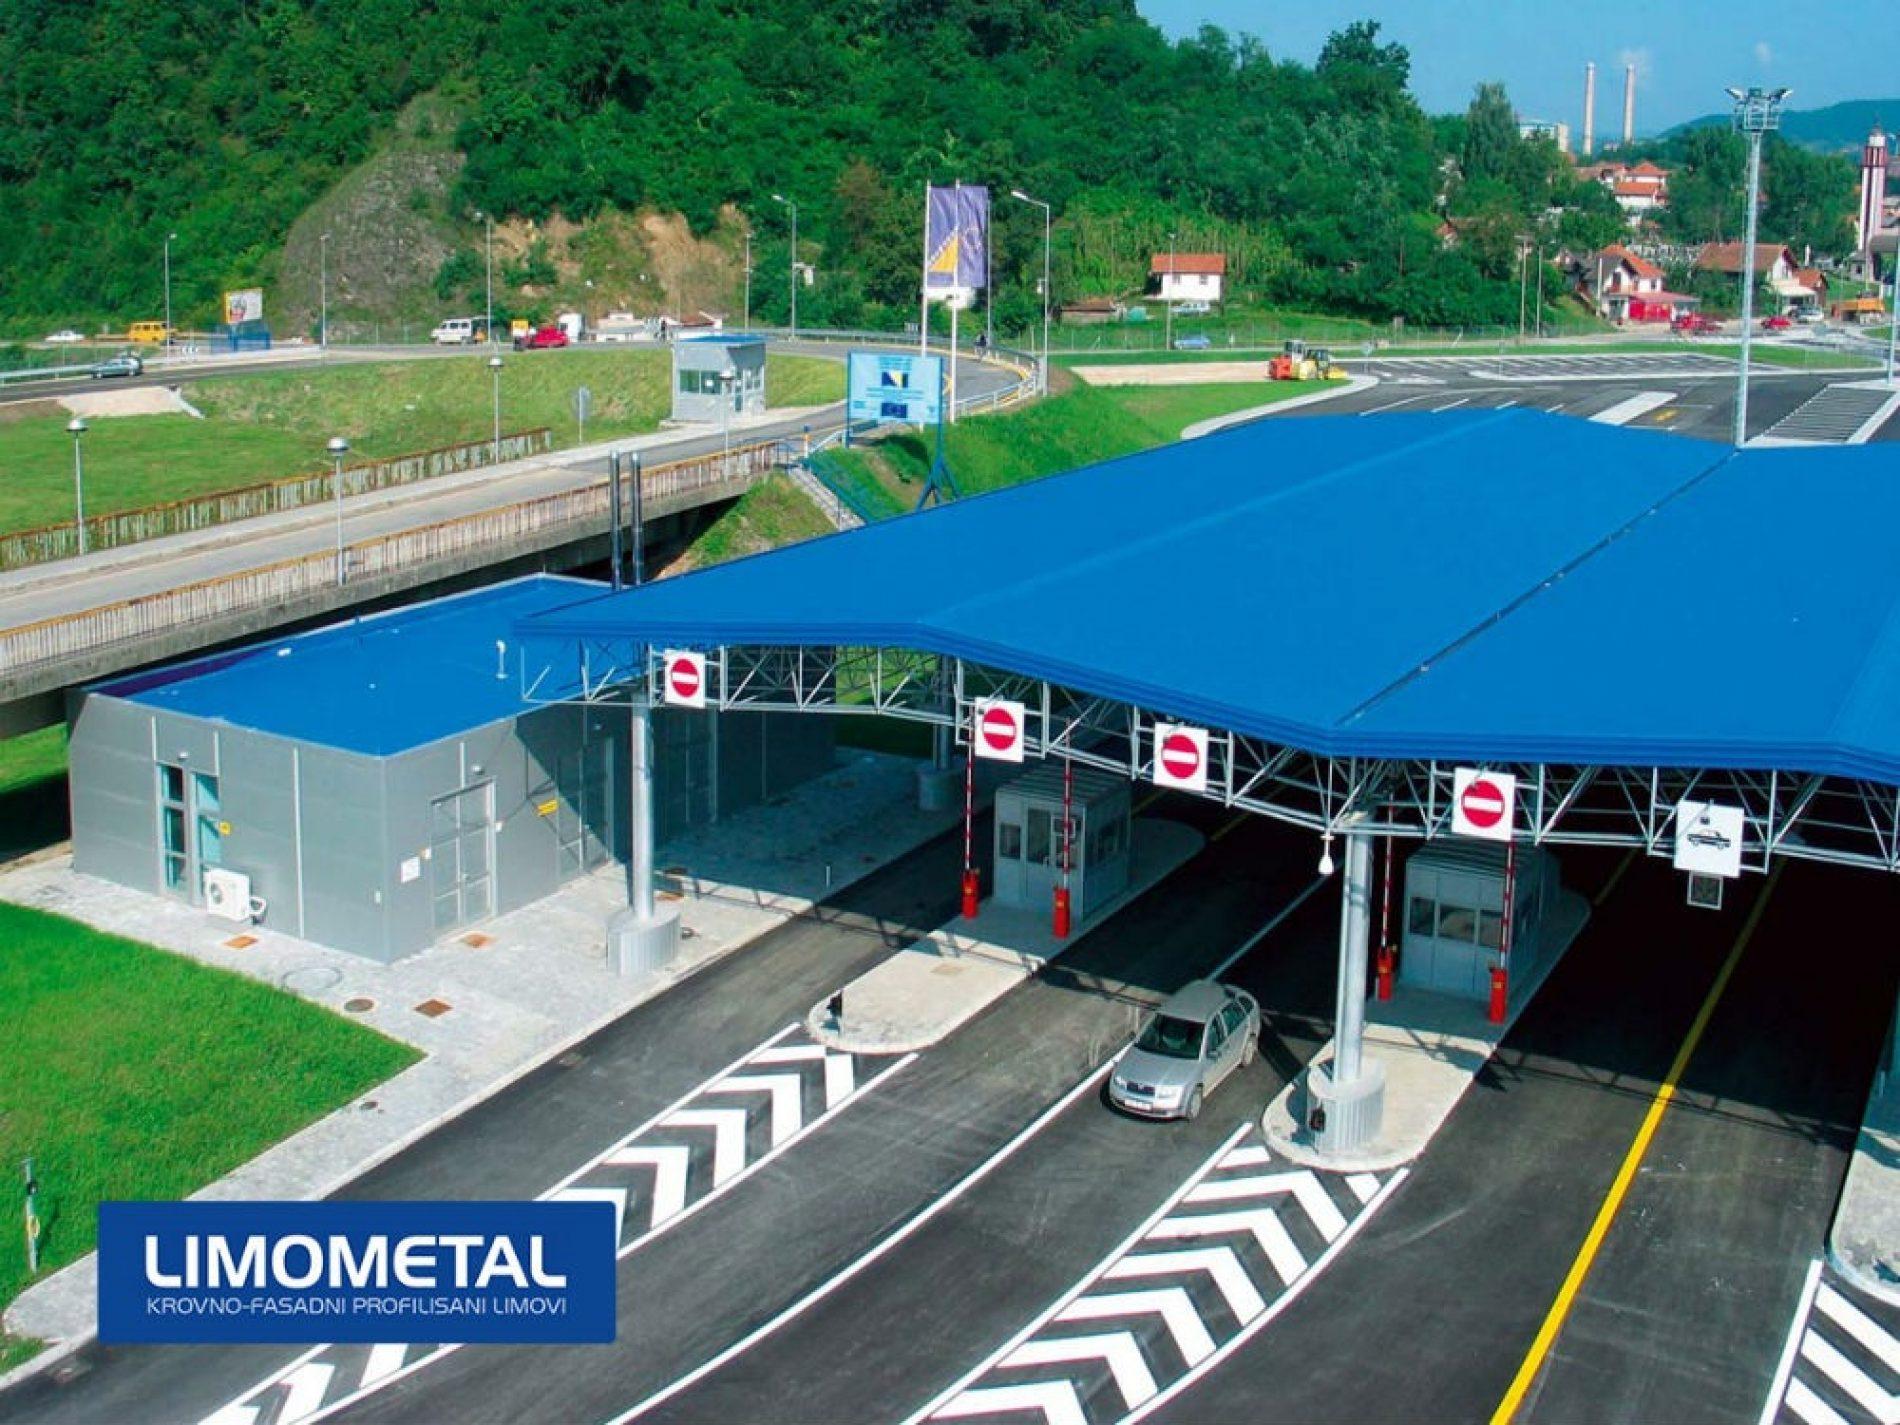 Proizvodi krajiškog Limometala krase krovove širom zemlje i svijeta